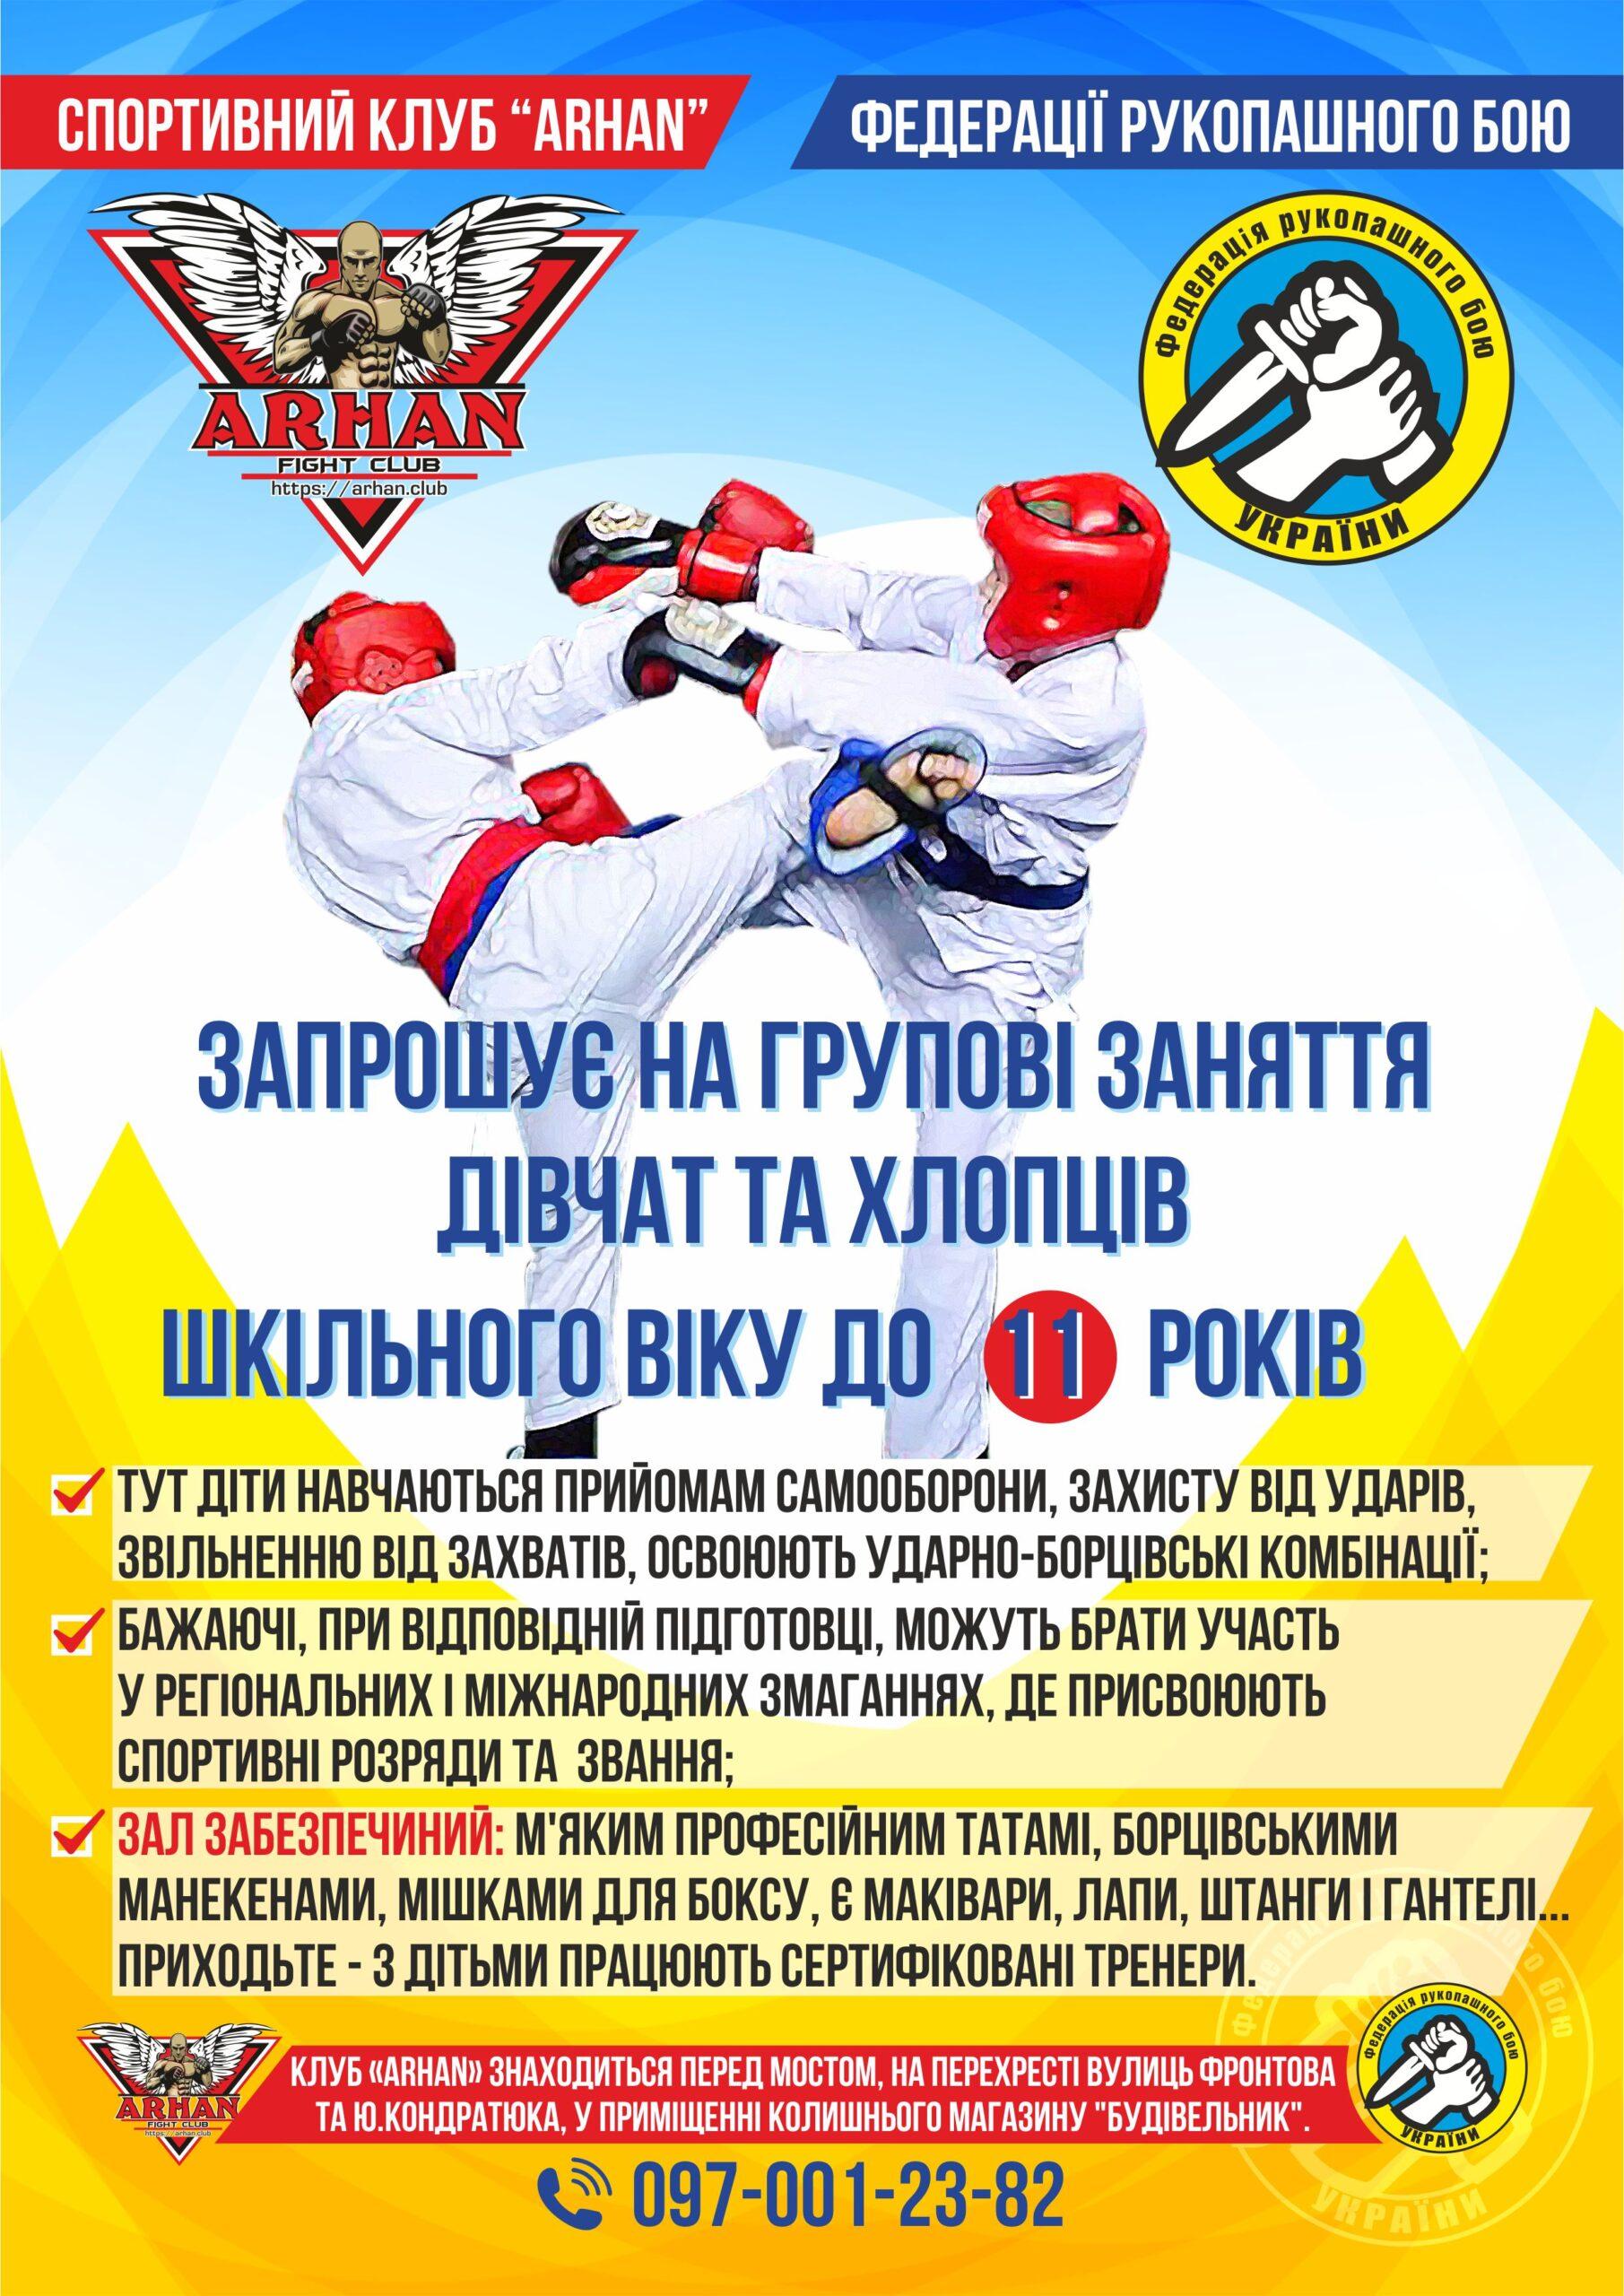 Cпортивний клуб «архан» федераціі рукопашного бою - https://arhan.club/